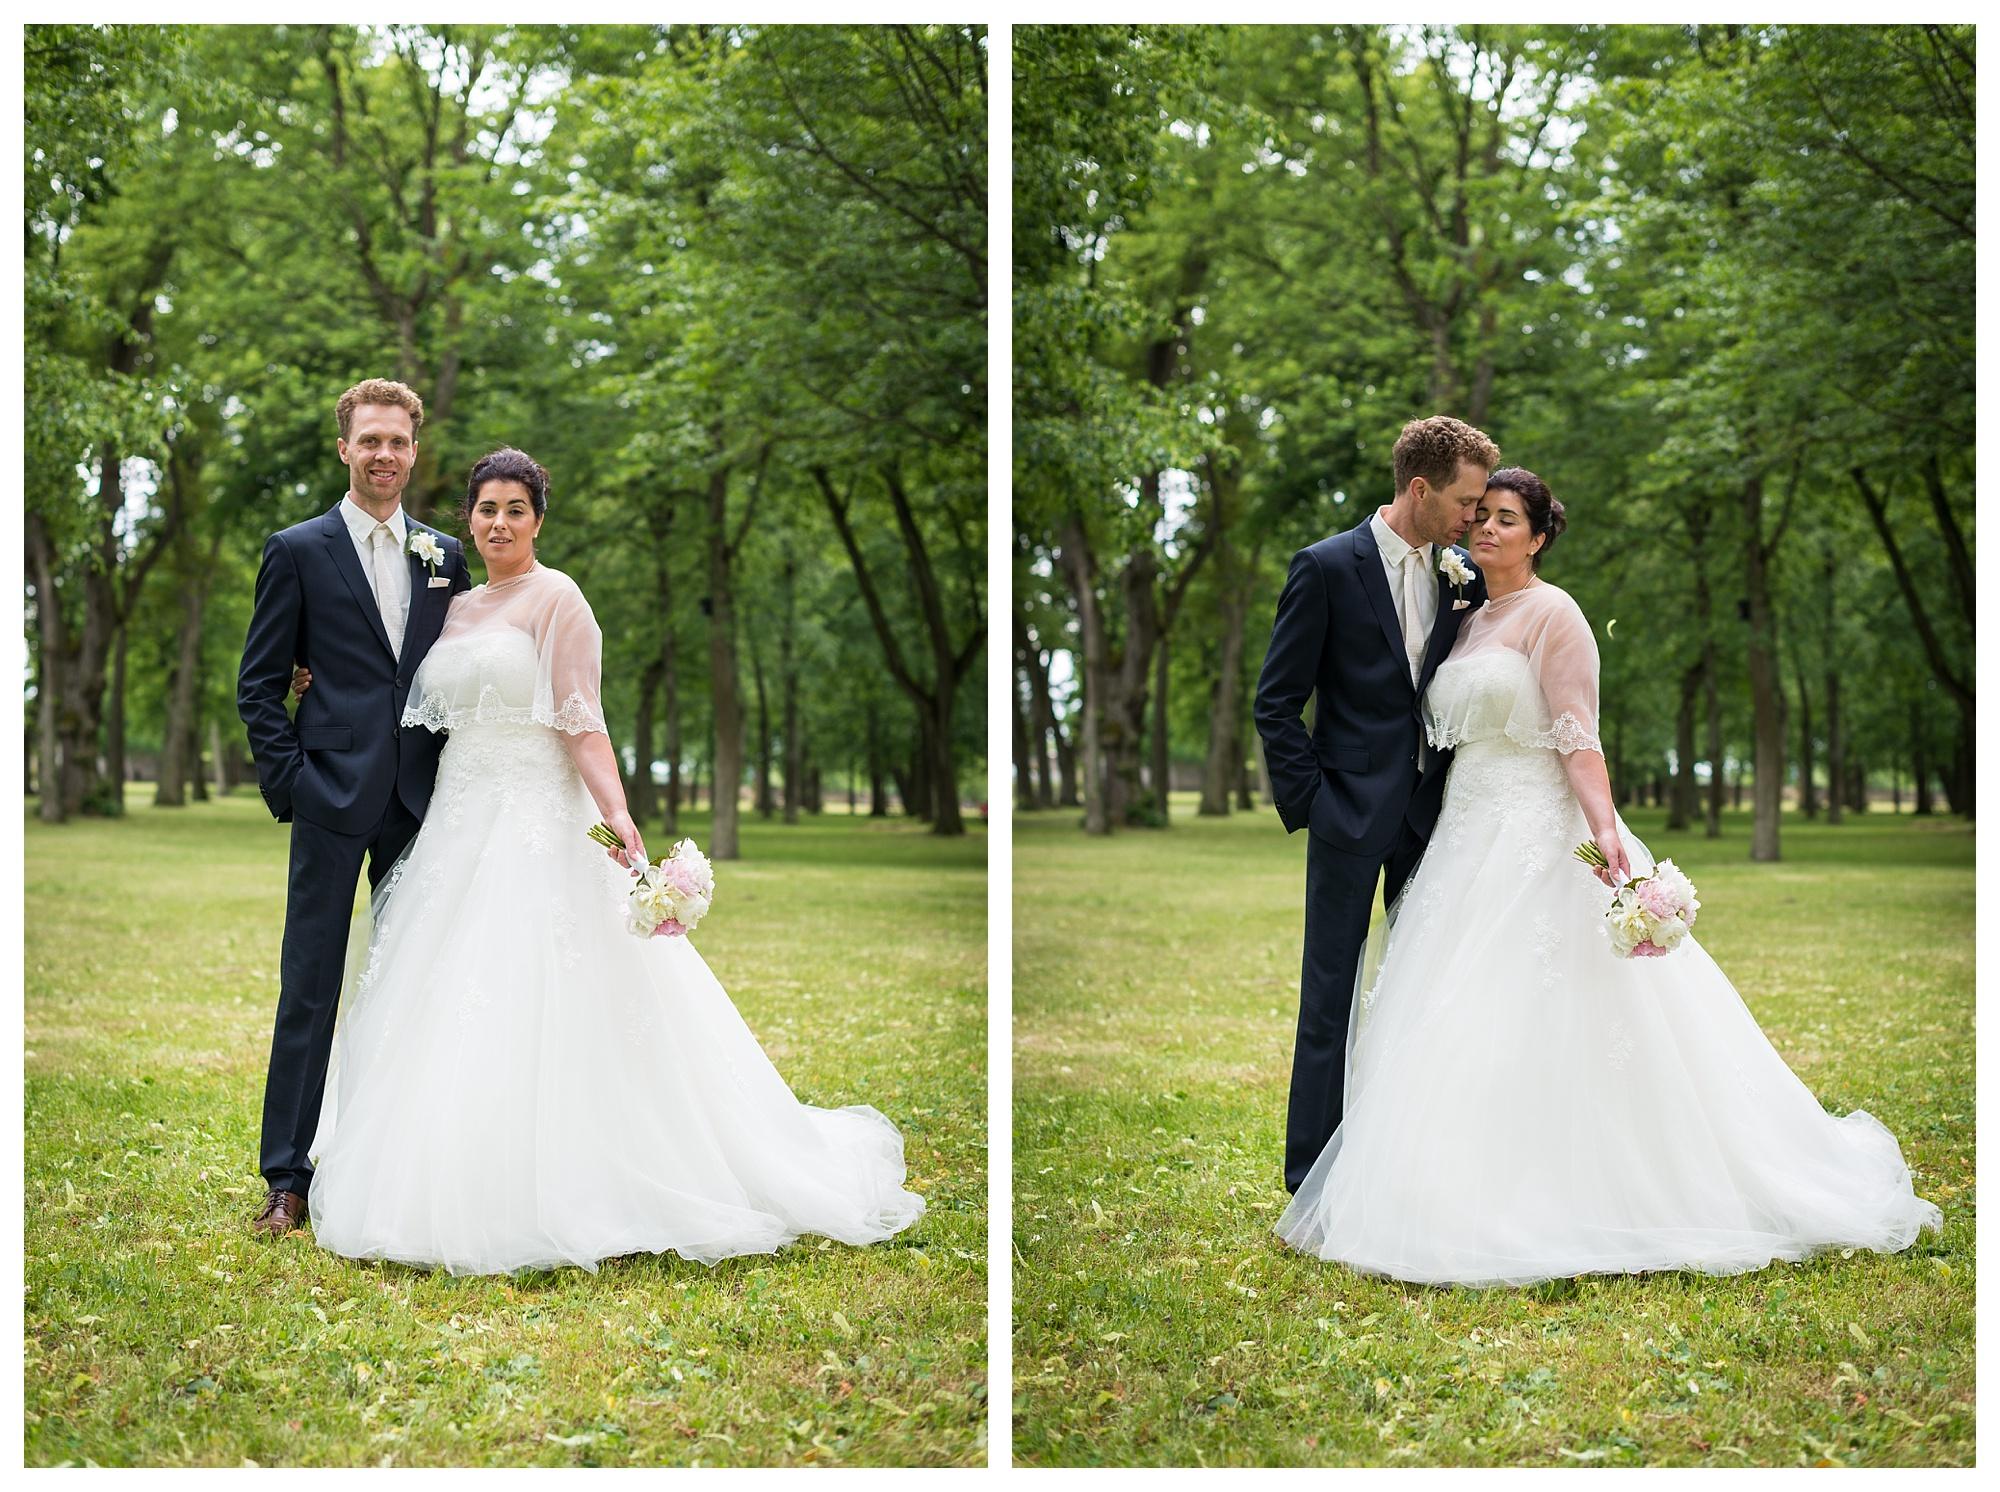 Fotograf Konstanz - Hochzeit Tanja Elmar Elmar Feuerbacher Photography Konstanz Messkirch Highlights 075 - Hochzeitsreportage von Tanja und Elmar im Schloss Meßkirch  - 177 -